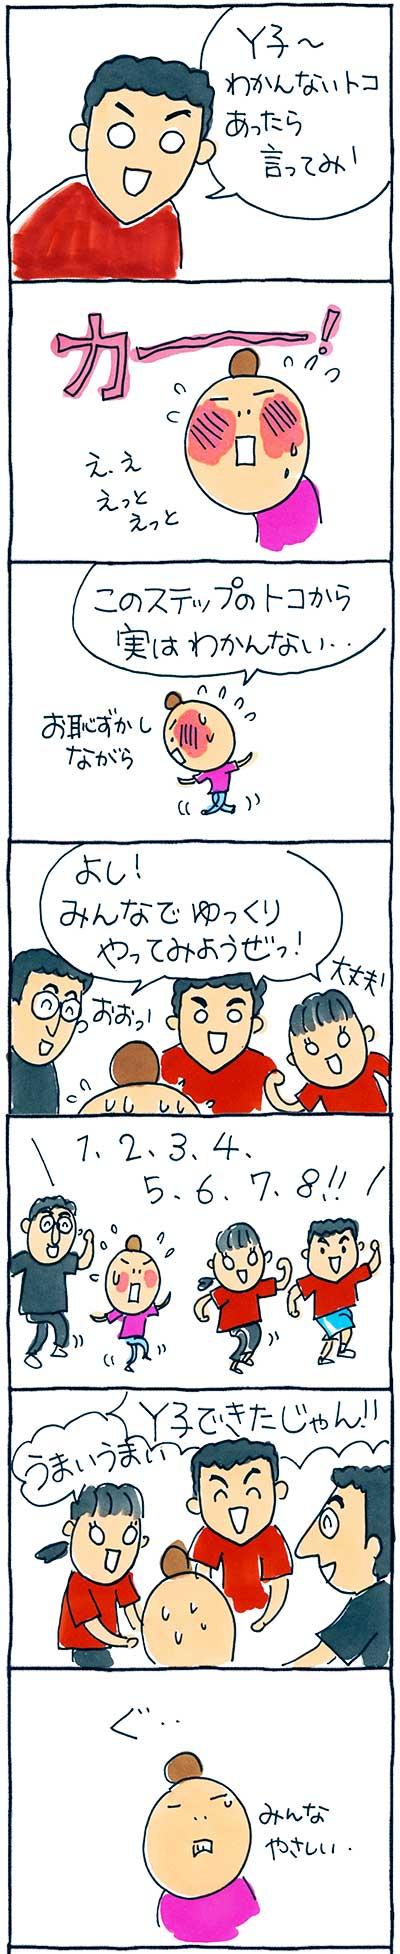 160613ミュージカル01